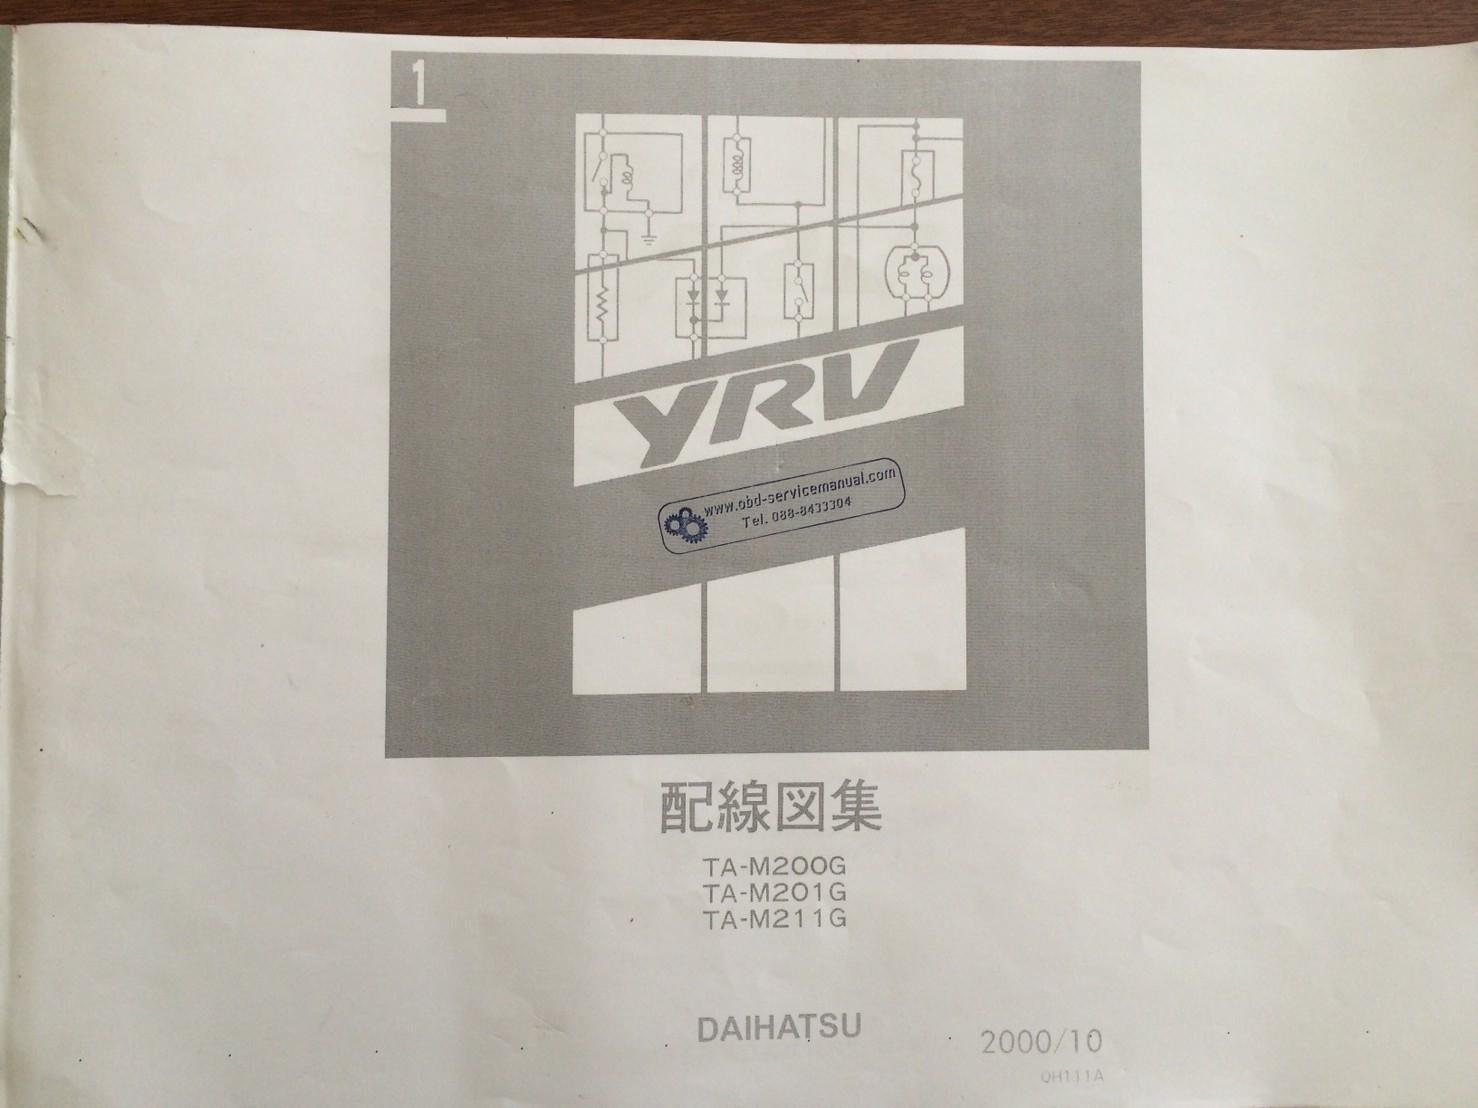 หนังสือ วงจรไฟฟ้า (Wiring Diaram) รถยนต์ Daihatsu YRV